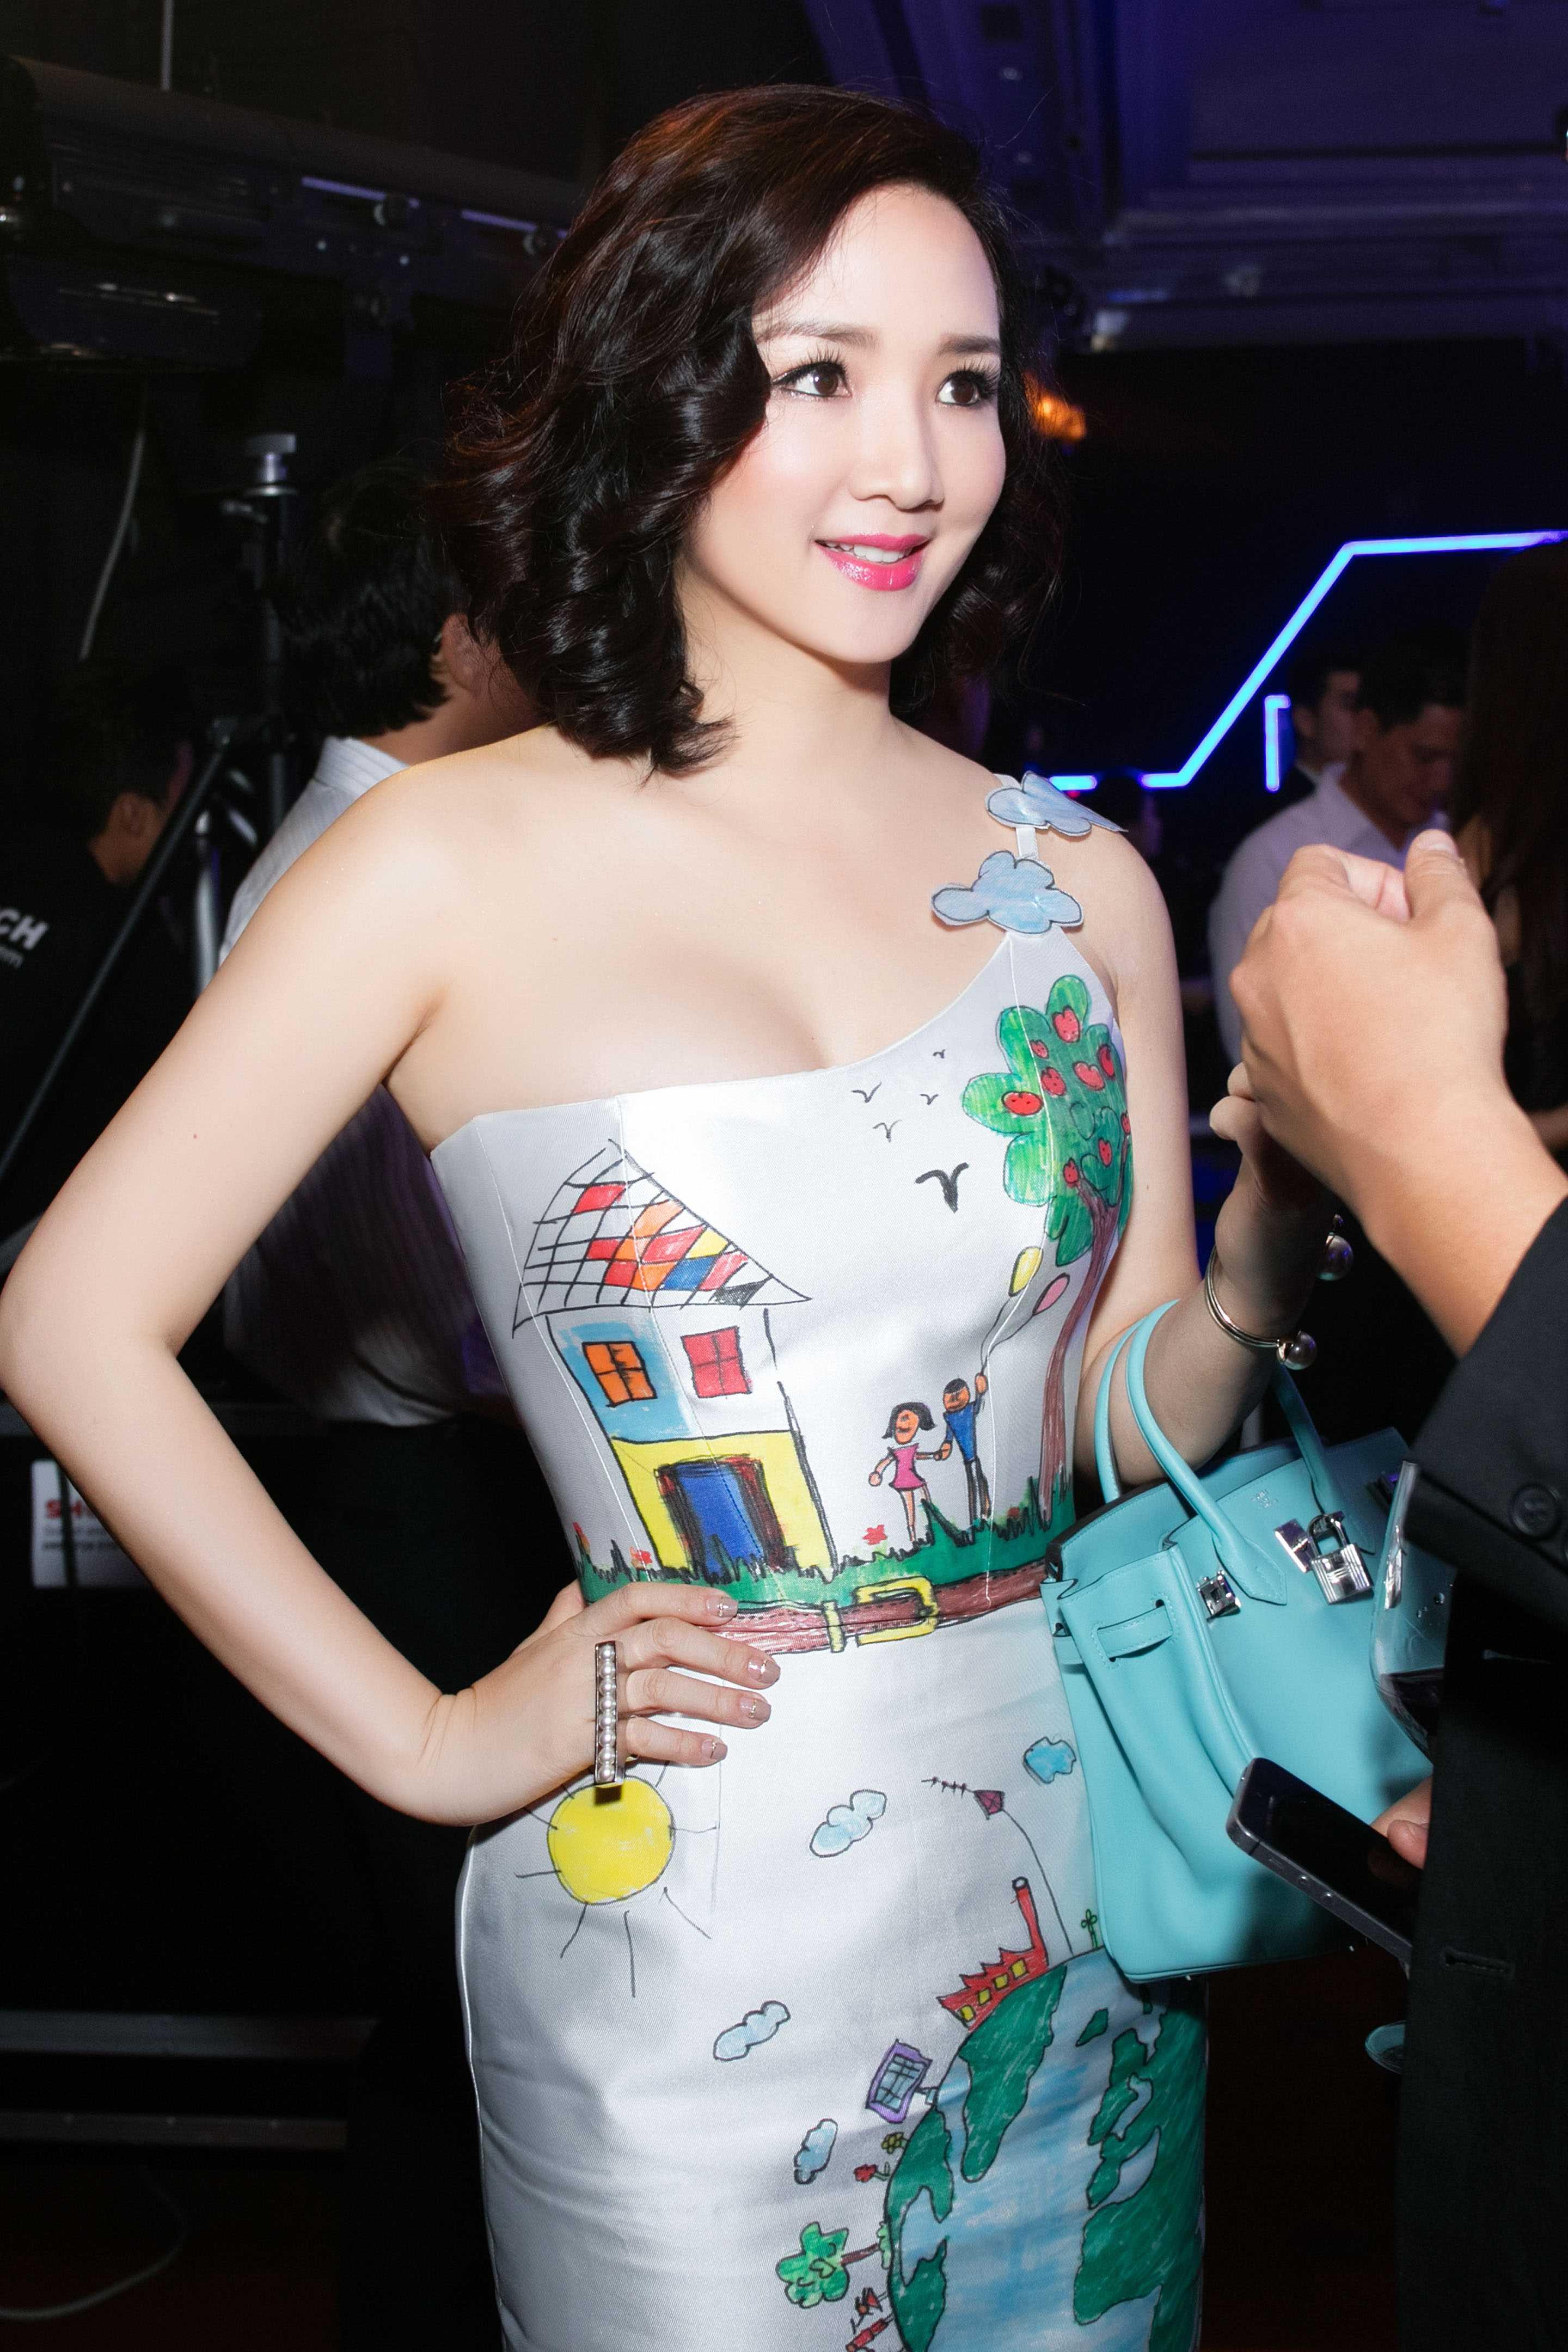 Chiếc váy tinh tế tôn lên vóc dáng hoàn hảo của người đẹp. Giáng My vẫn trẻ trung và gợi cảm như thời con gái.